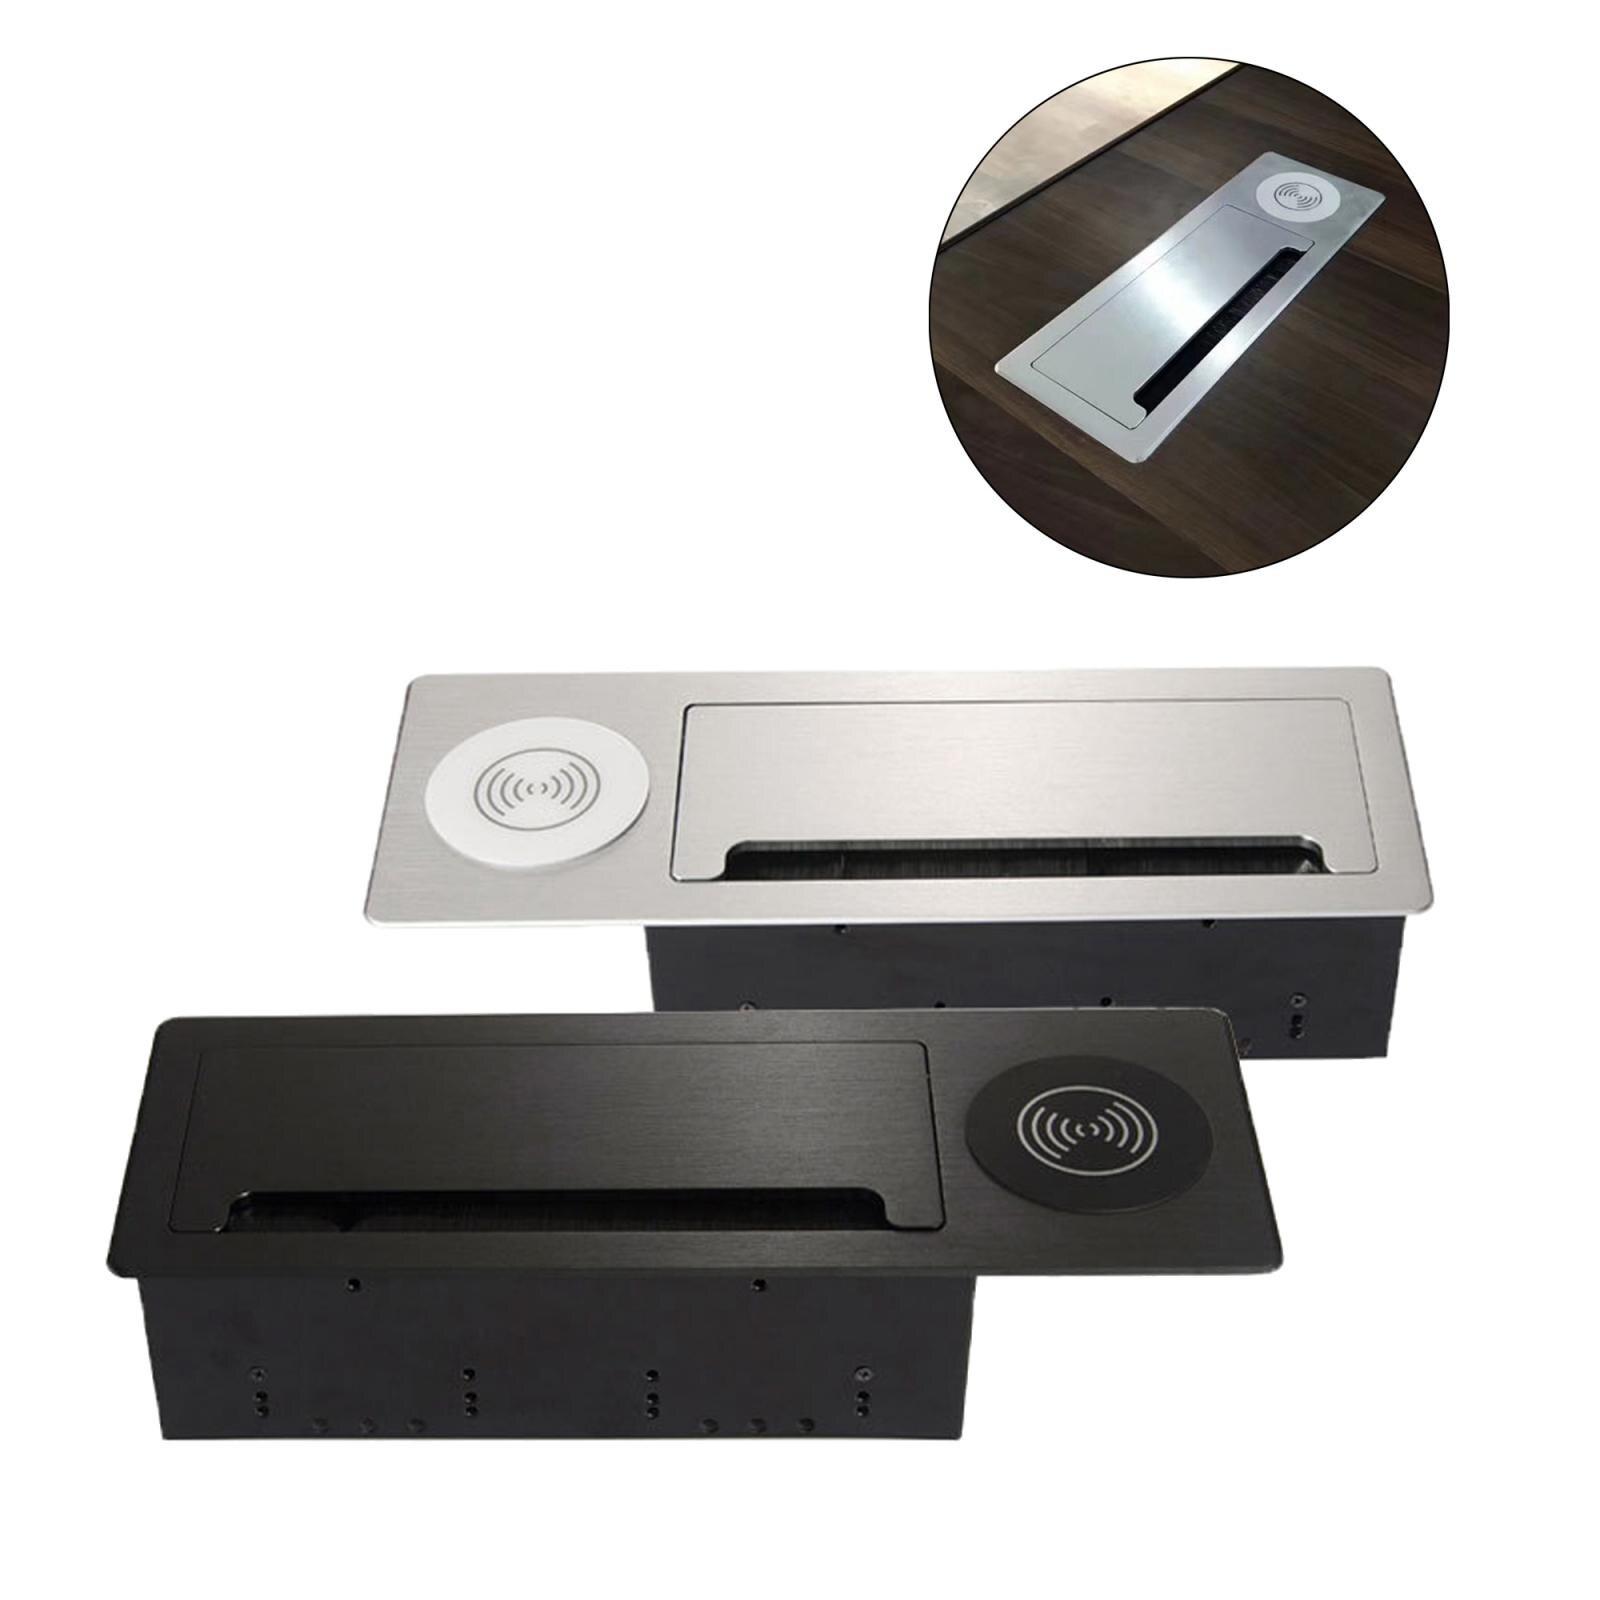 soquete com carregamento usb placa liga aluminio 05